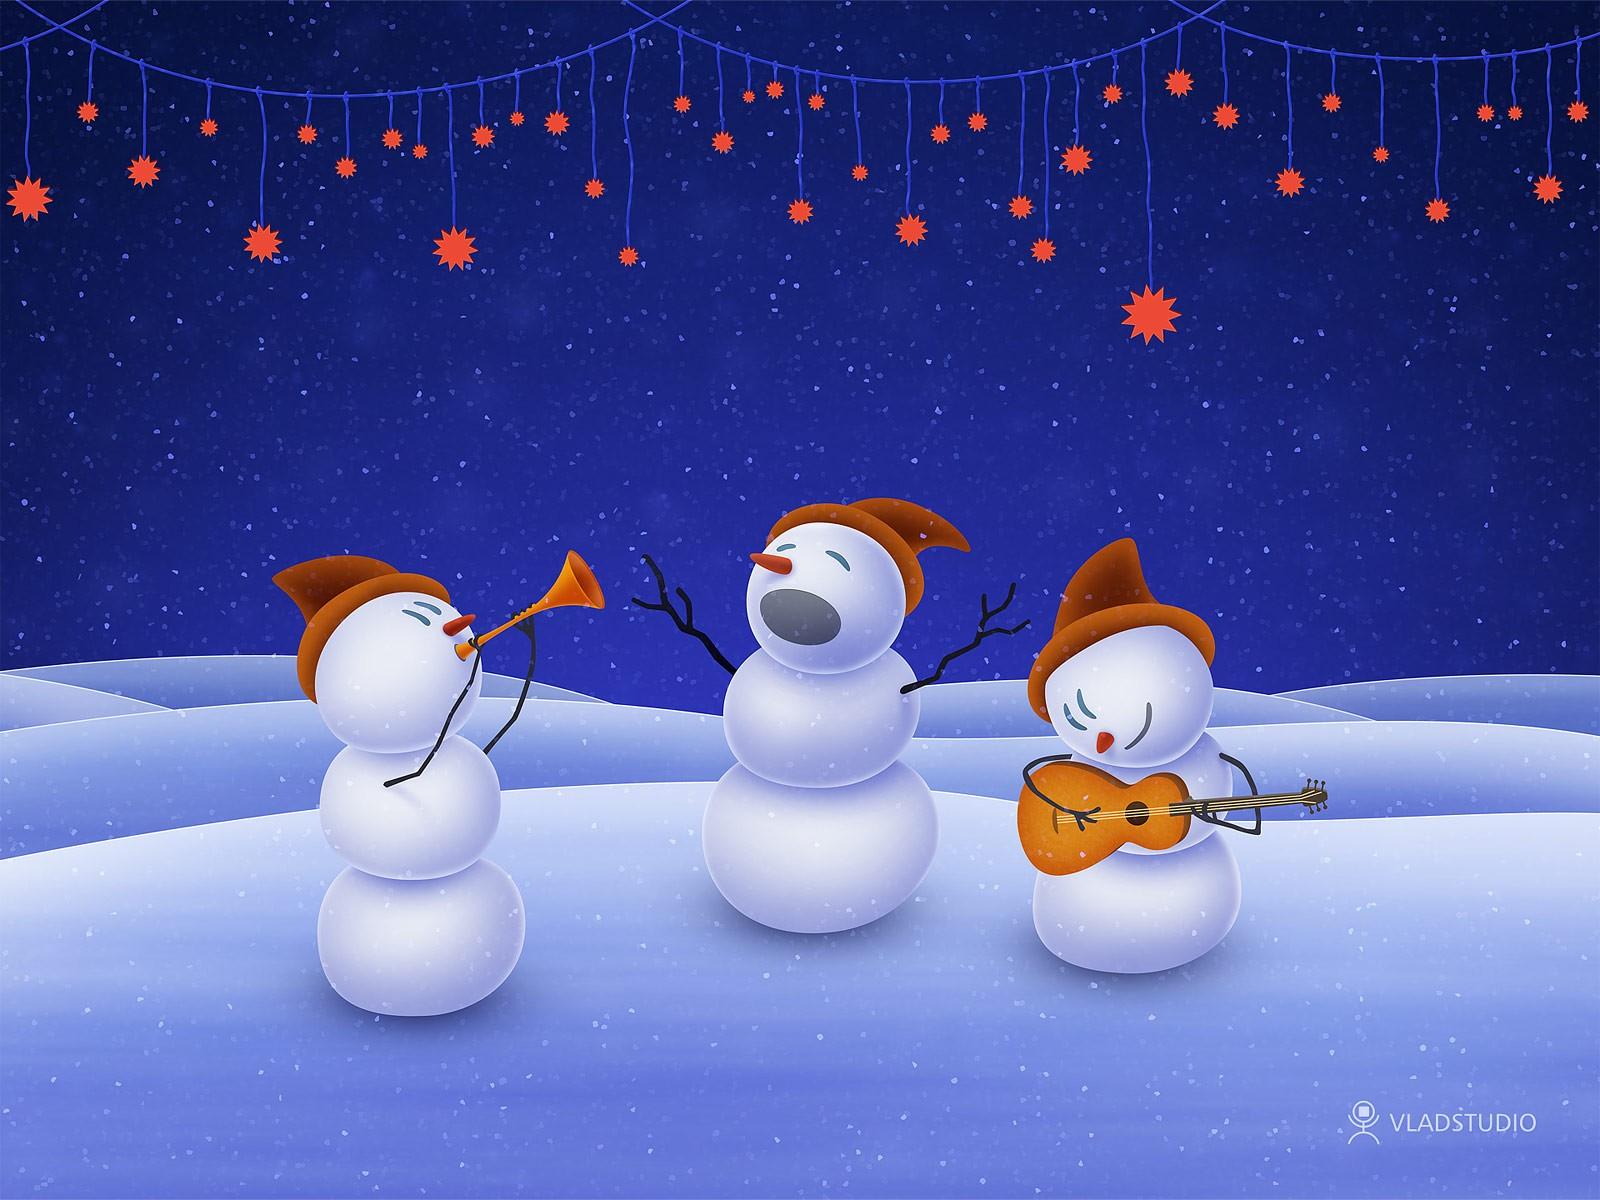 Картинки на новый год с снеговиком, днем